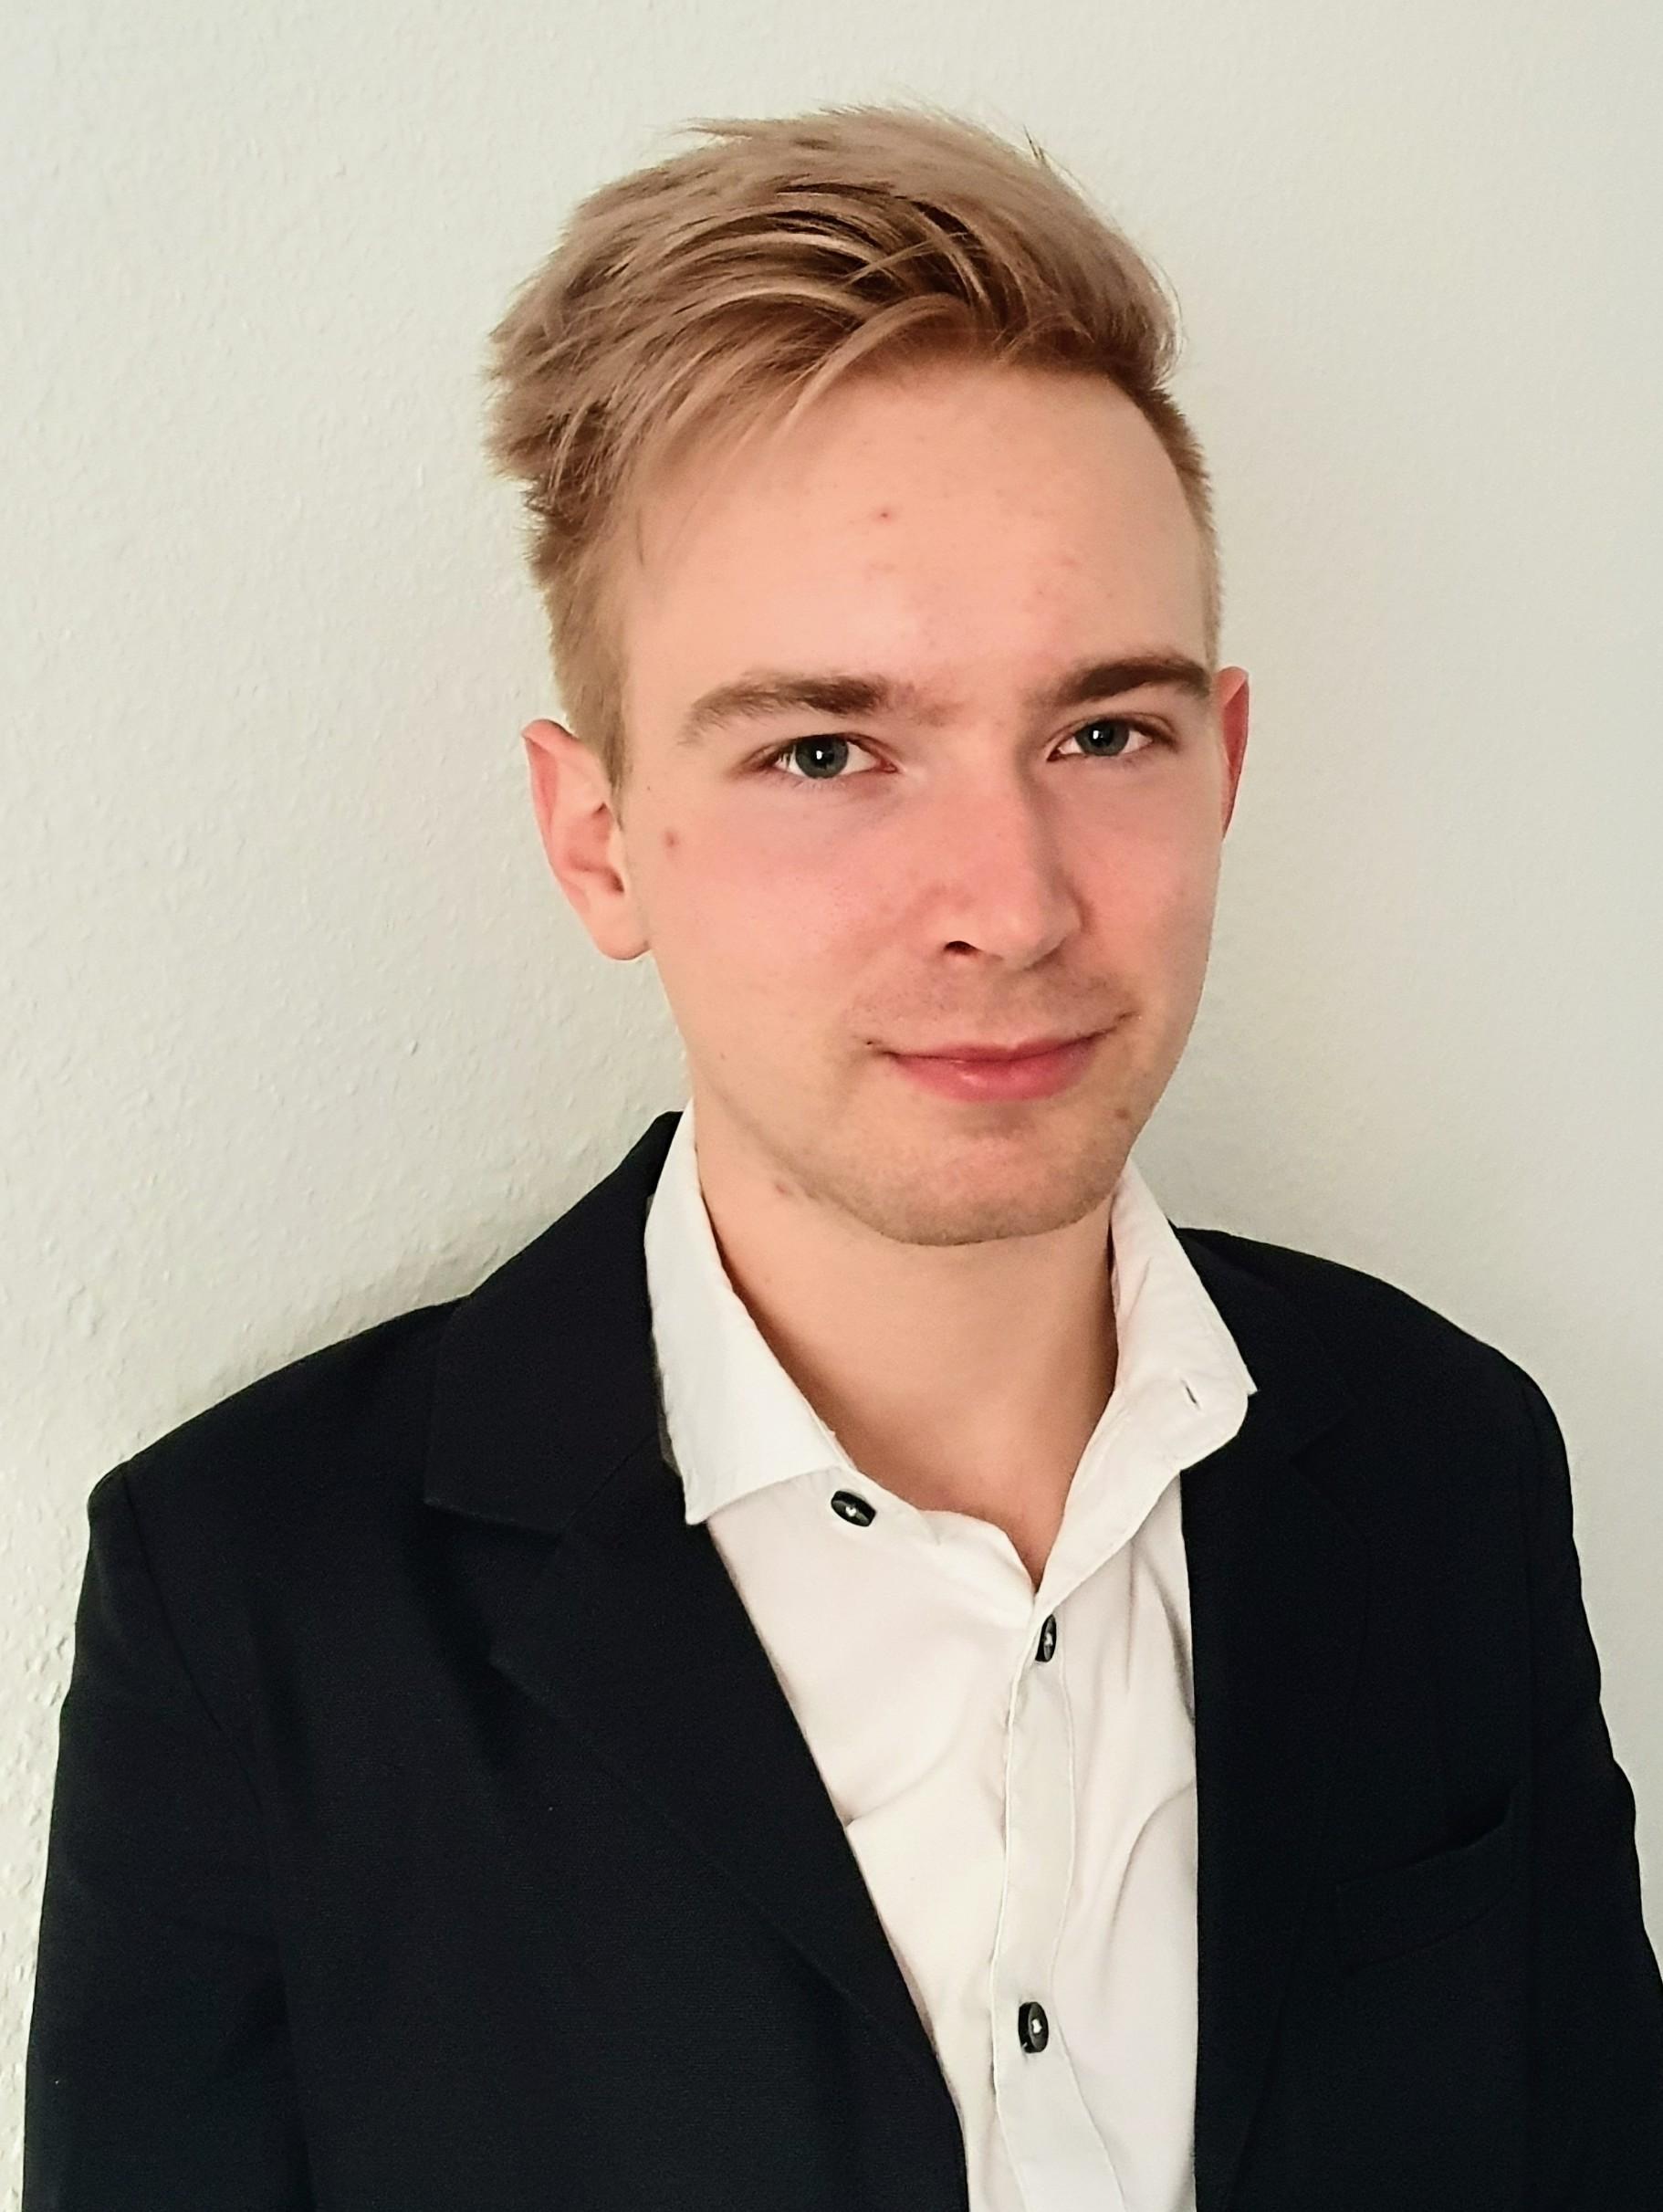 Matti Proehl